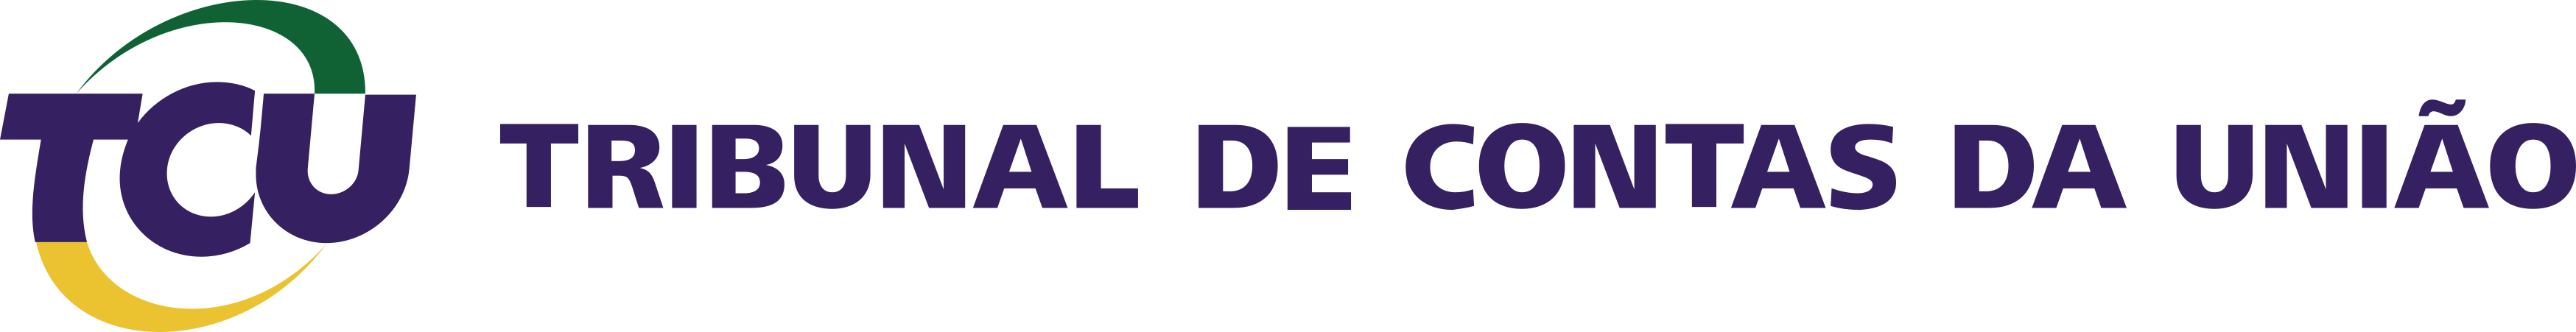 Tribunal de Contas da União , TCU Logo.